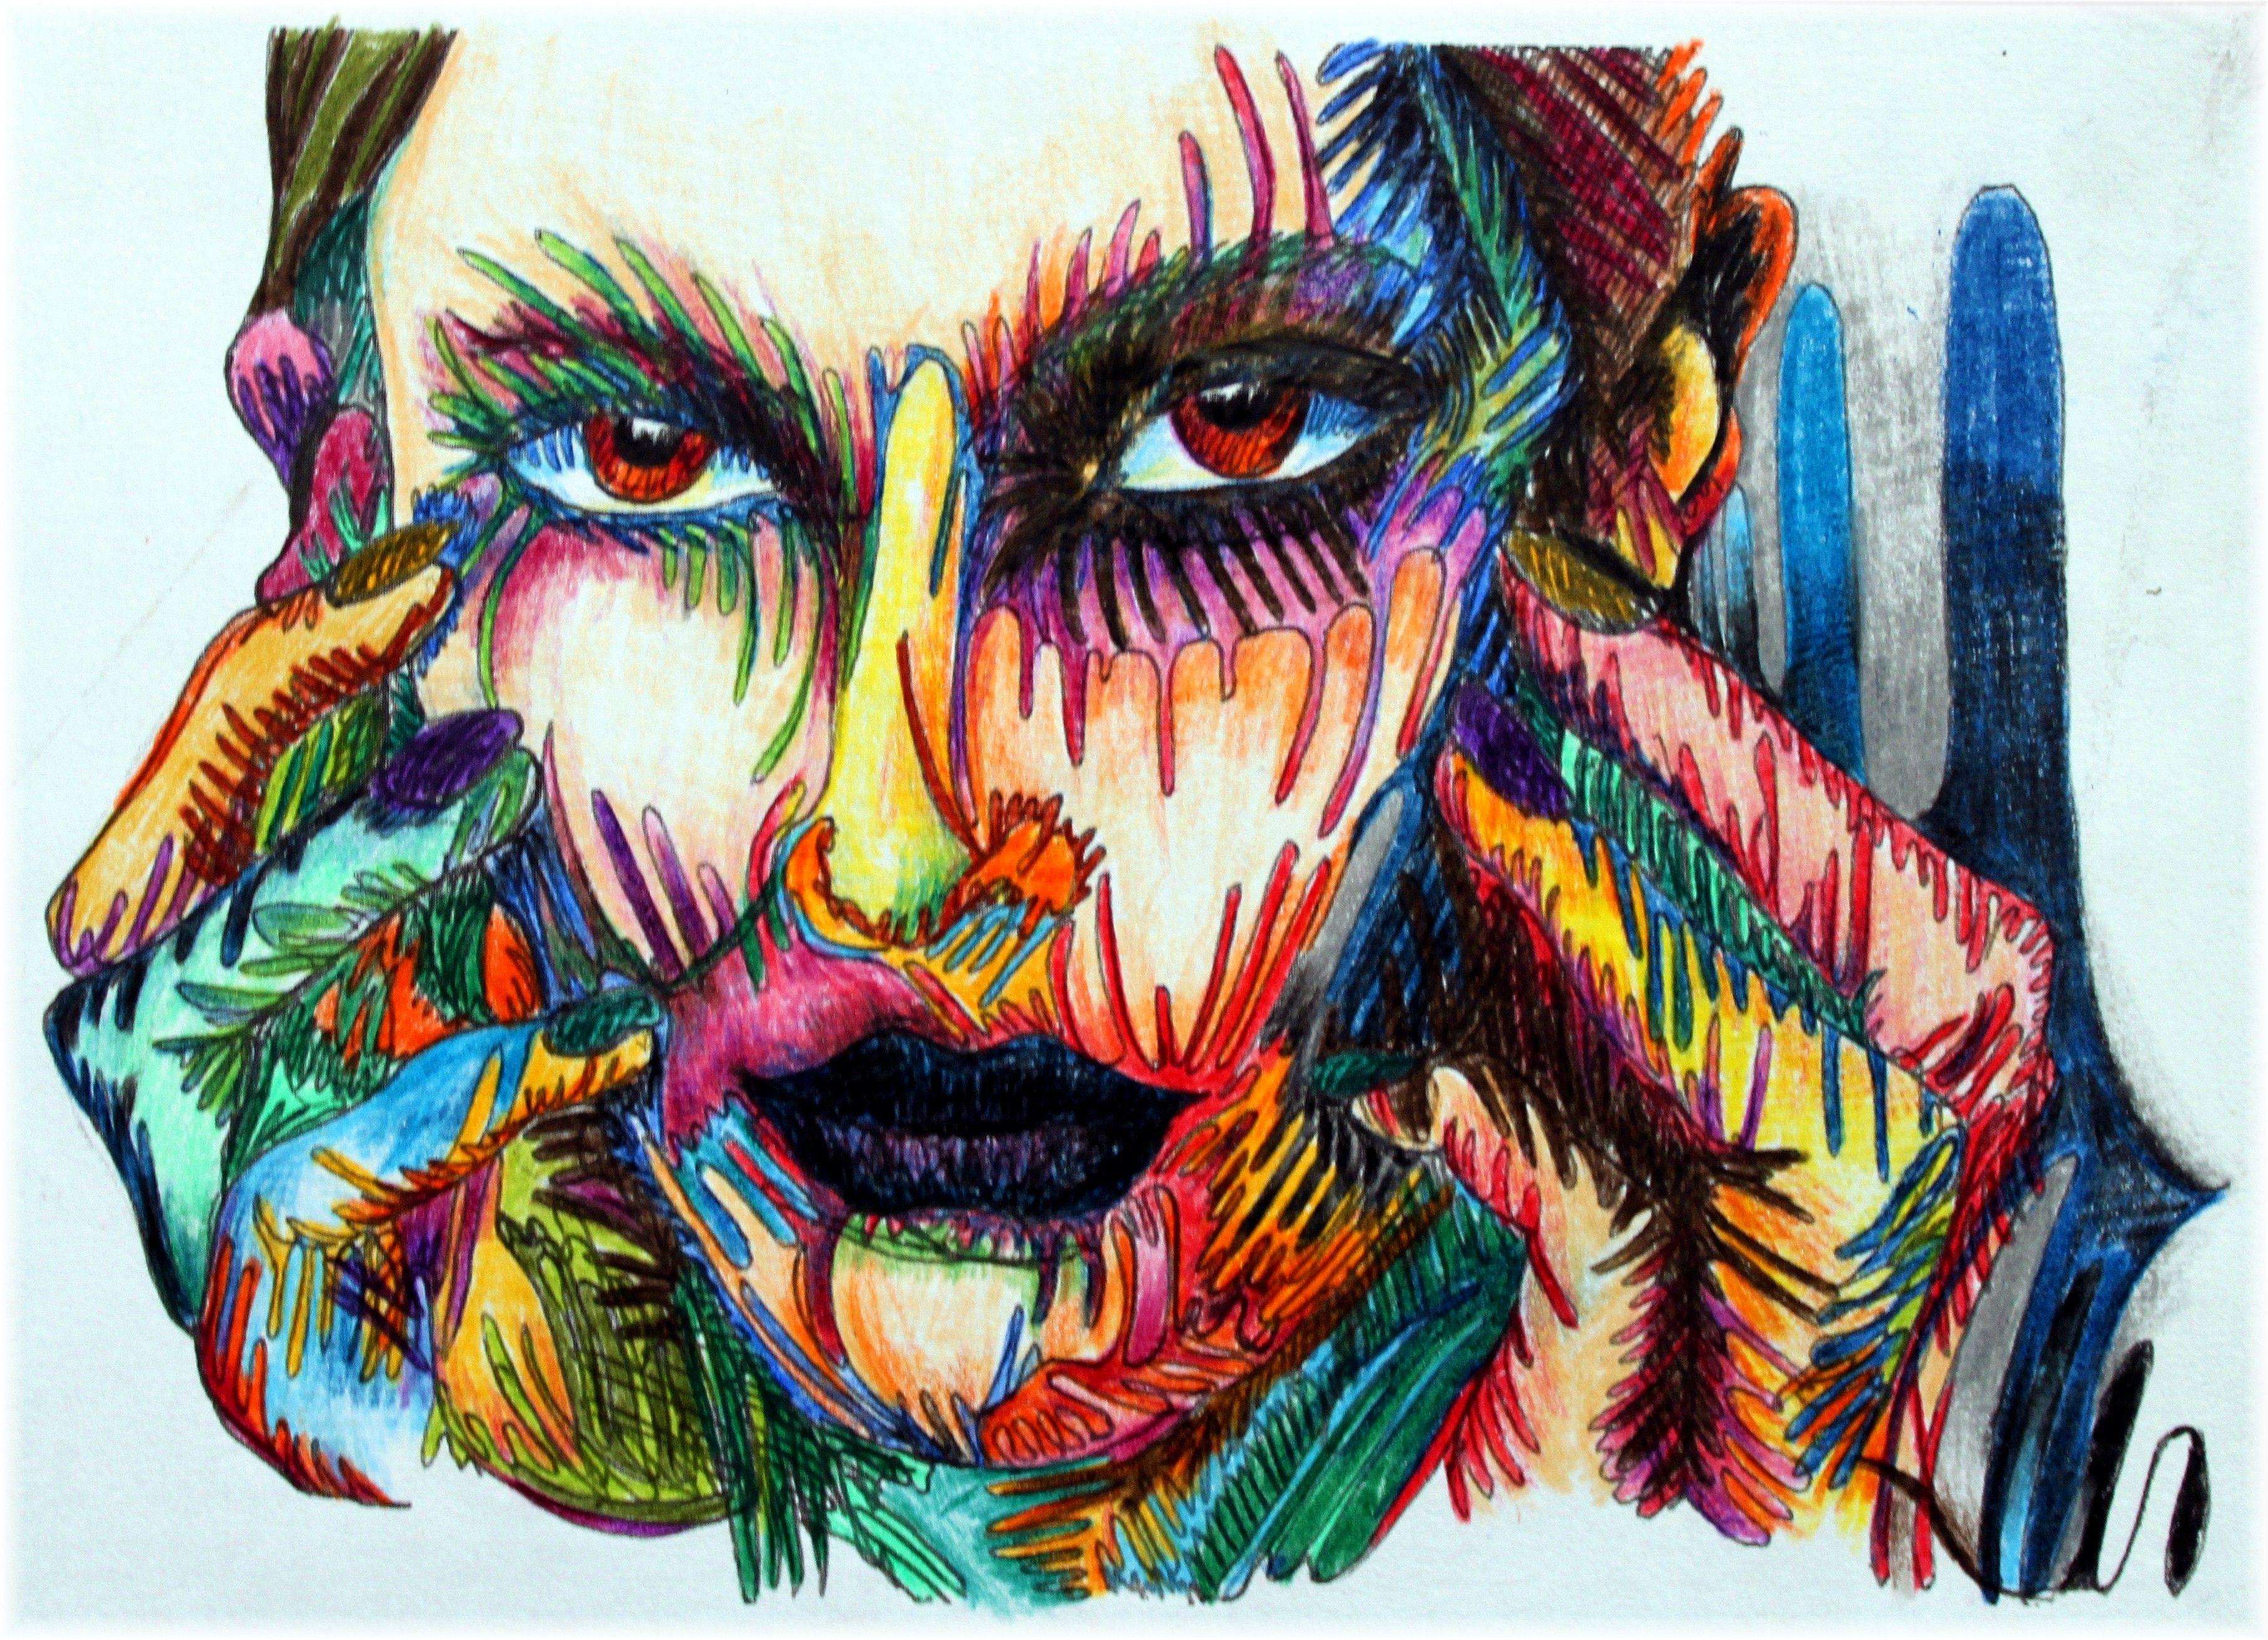 Continuous Contour Line Drawing Definition : Alfie glover short continuous line drawing art pinterest